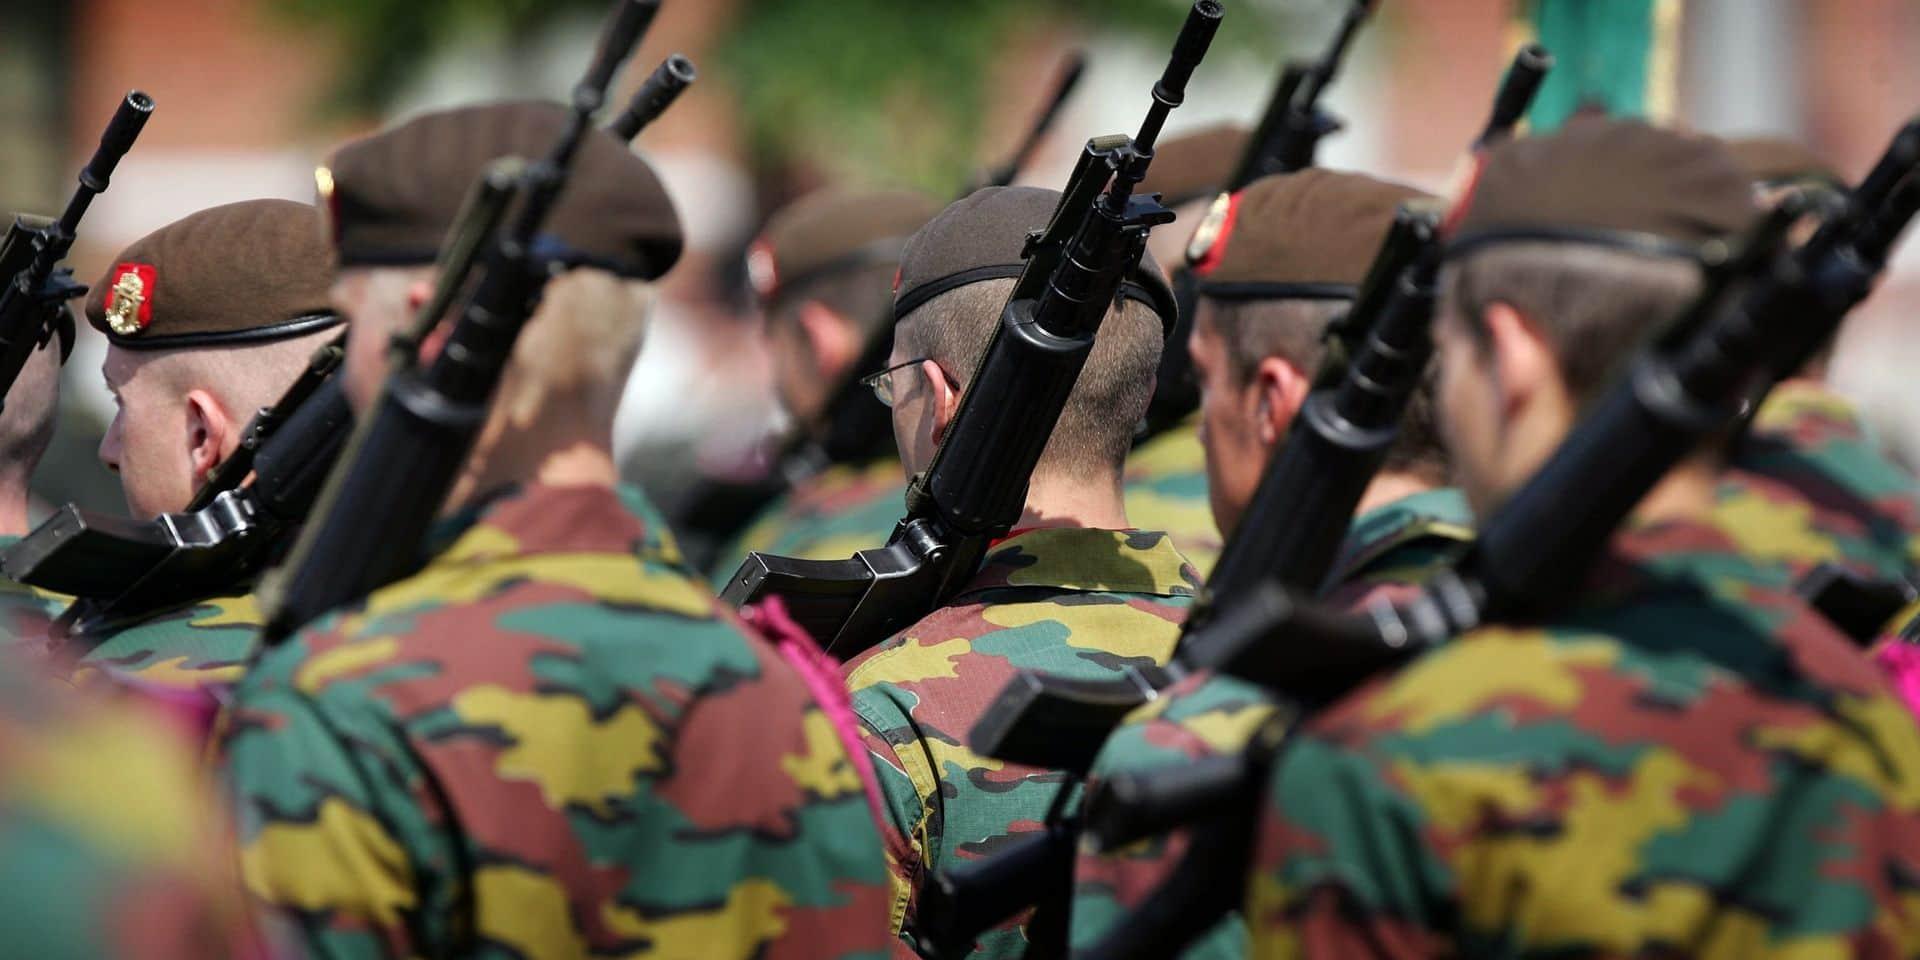 La Wallonie ne vendra plus d'armes à l'armée de l'air saoudienne